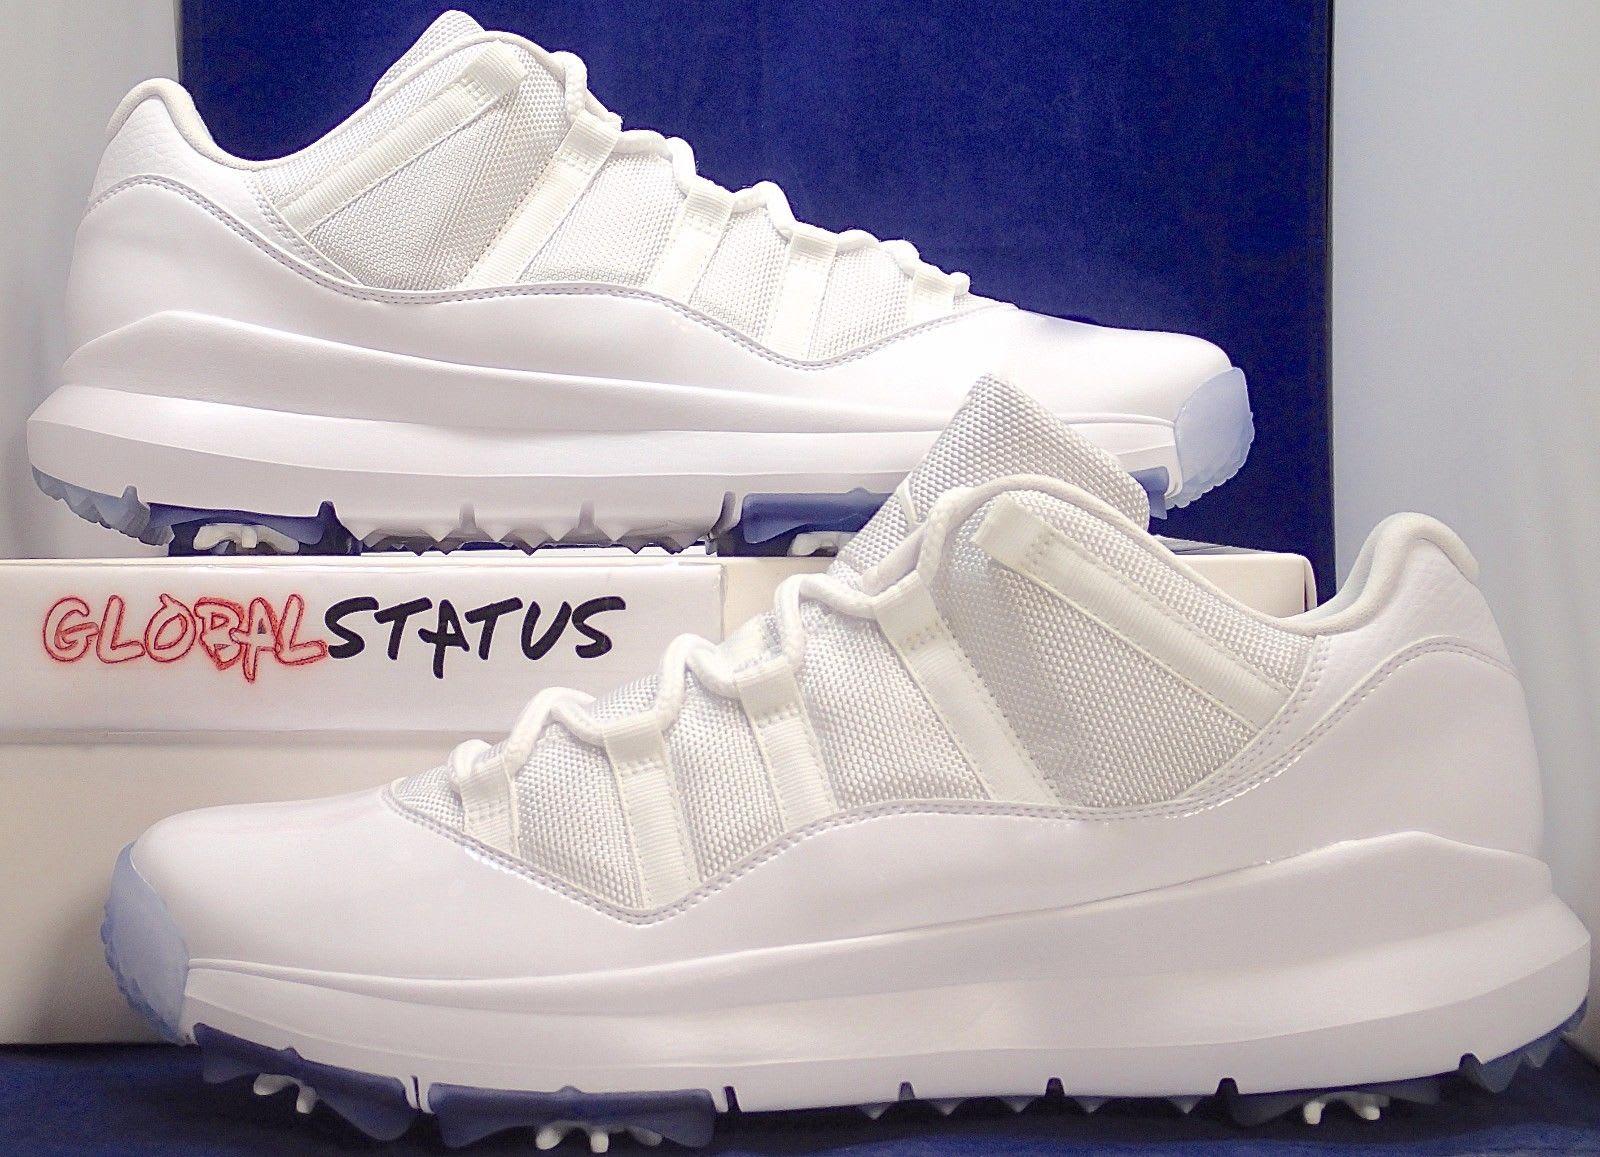 Air Jordan 11 Low White Golf Shoes Michael Jordan PE (3)